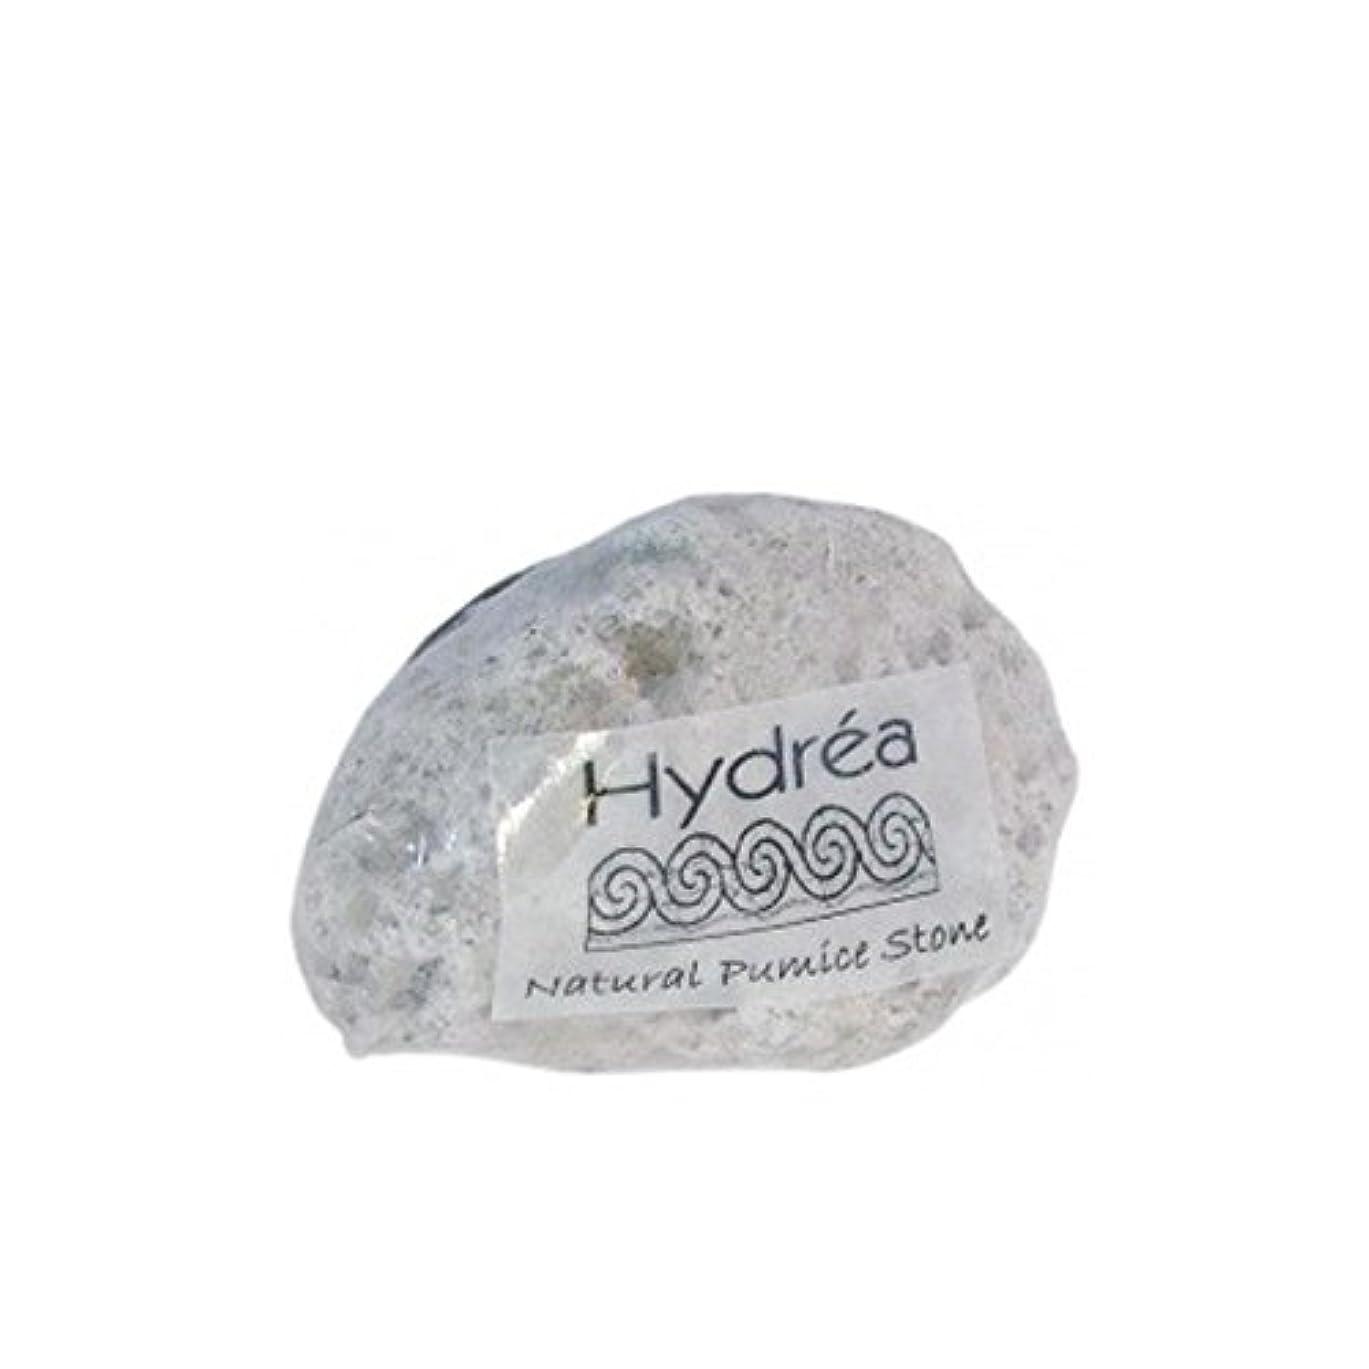 特権過度の指定ハイドレアロンドン - 自然軽石 x4 - Hydrea London - Natural Pumice Stone (Pack of 4) [並行輸入品]